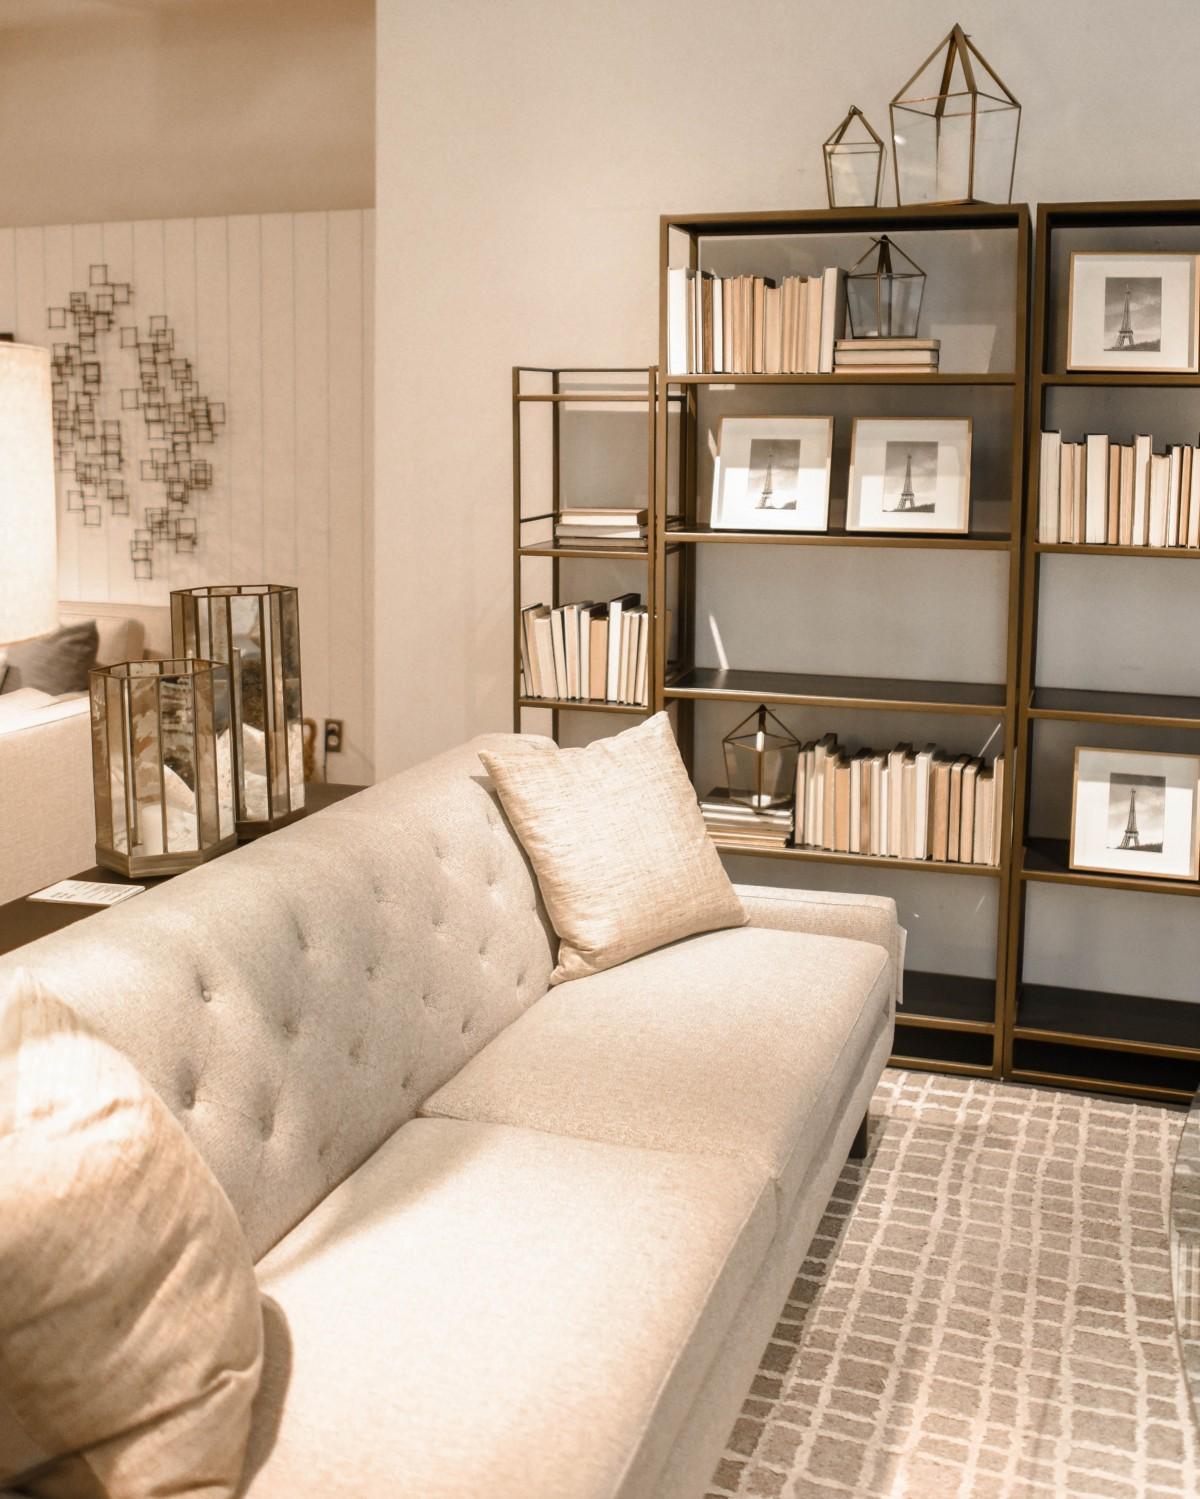 Fotos gratis estanter as de libros librero c modo - Libros de decoracion de interiores ...